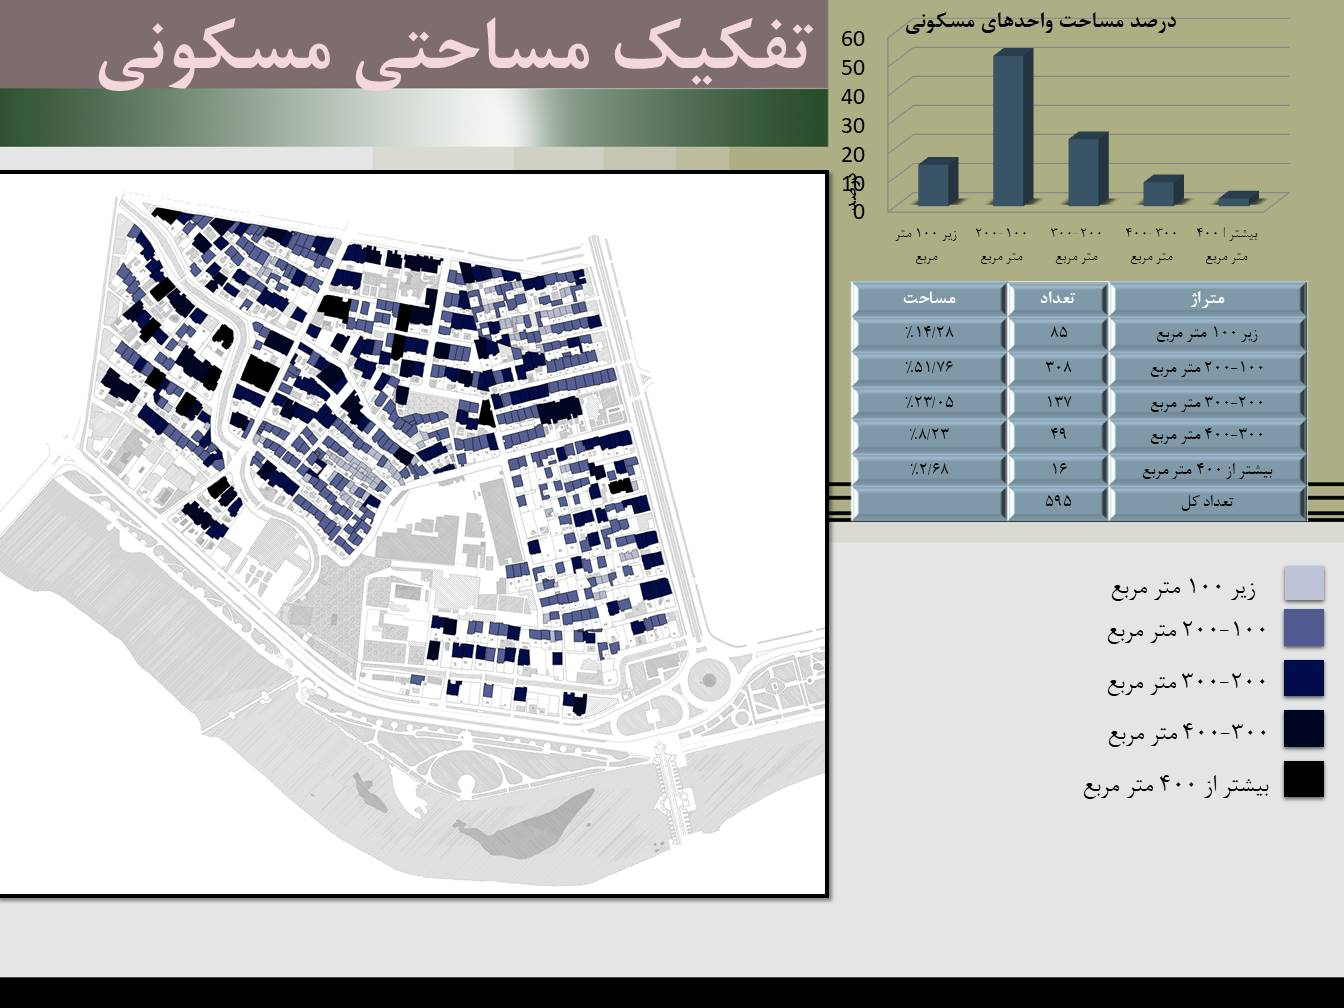 تحلیل و مکان یابی فضاهای شهری منطقه 3